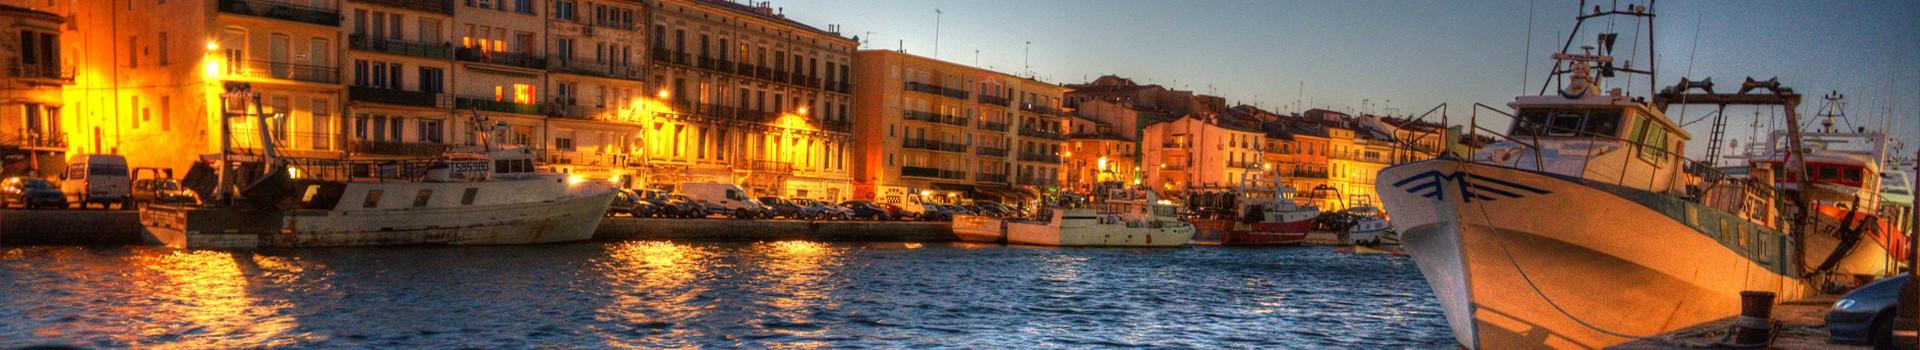 Sortir - soirée sur les quais -Sète